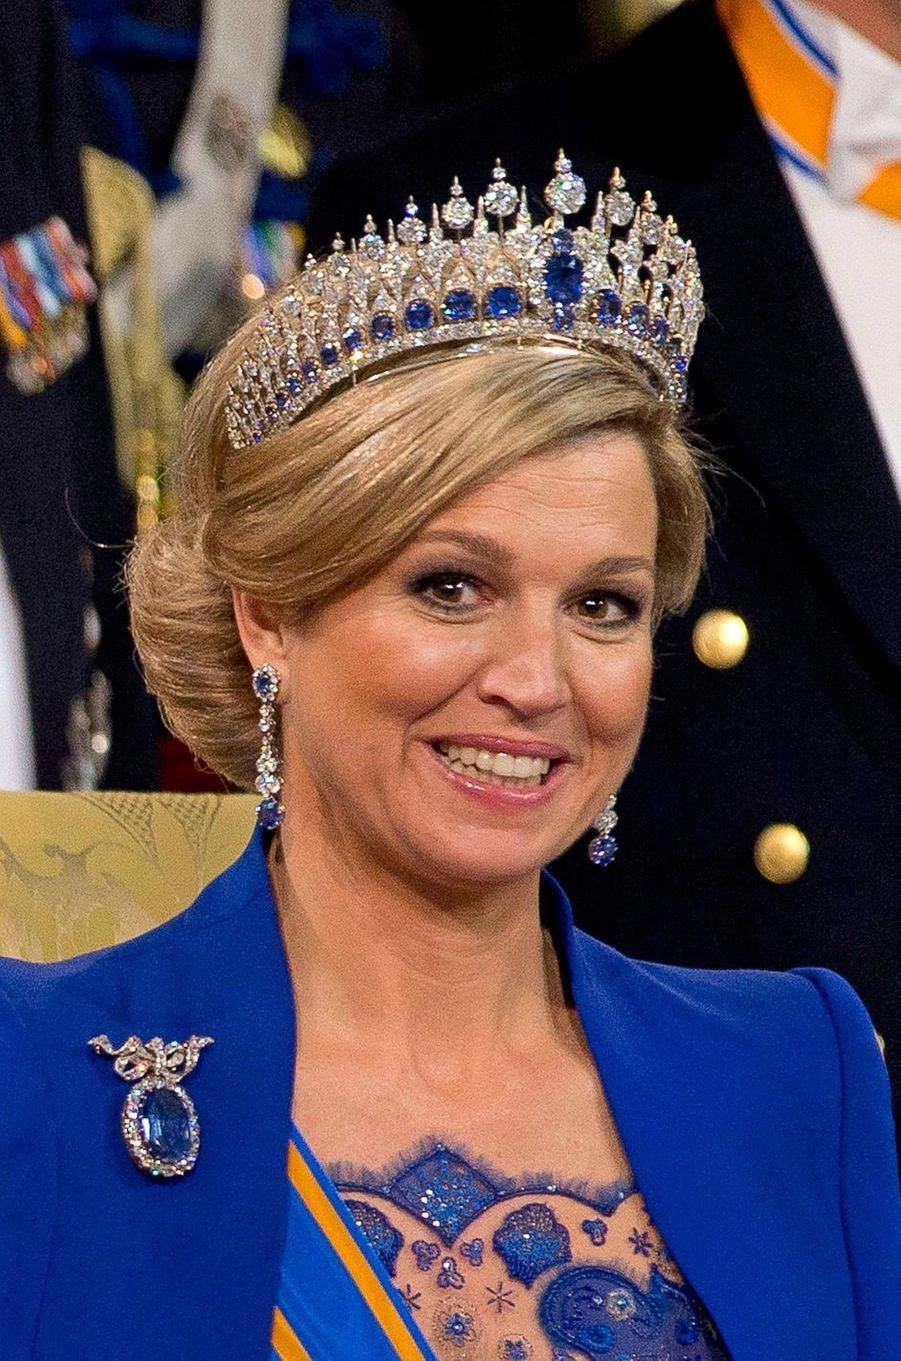 La reine Maxima des Pays-Bas, le 30 avril 2013